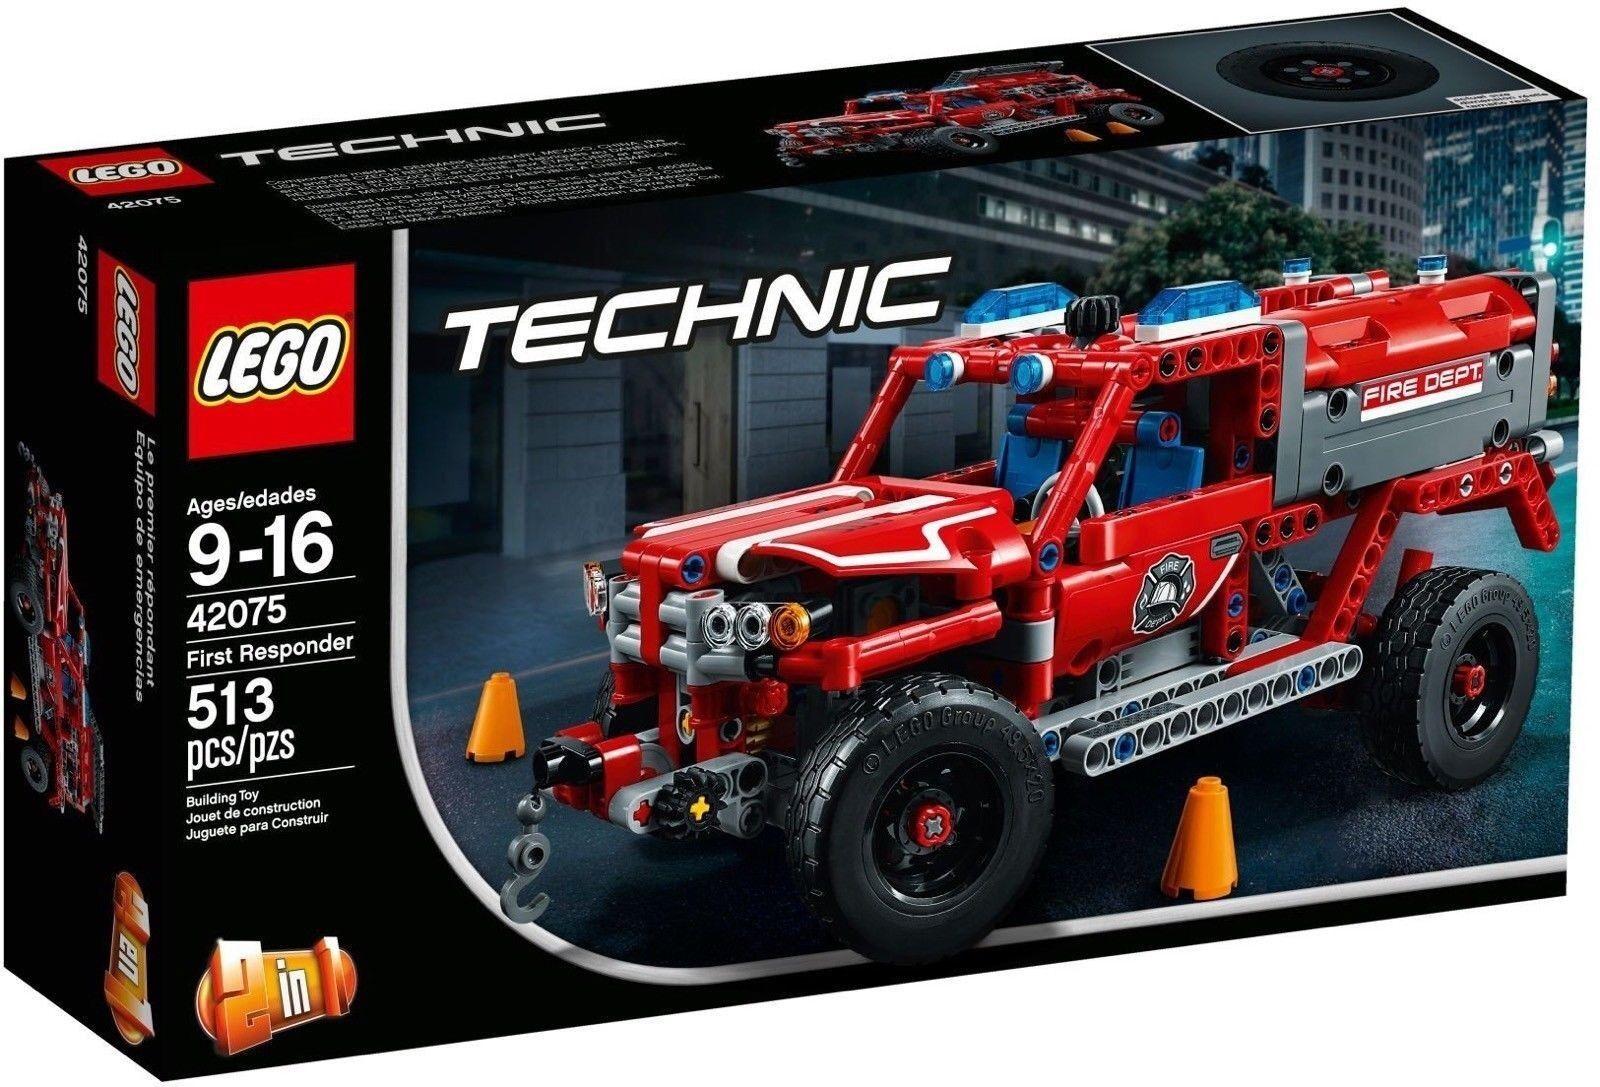 LEGO TECHNIC UNITA DI PRIMO SOCCORSO - LEGO 42075